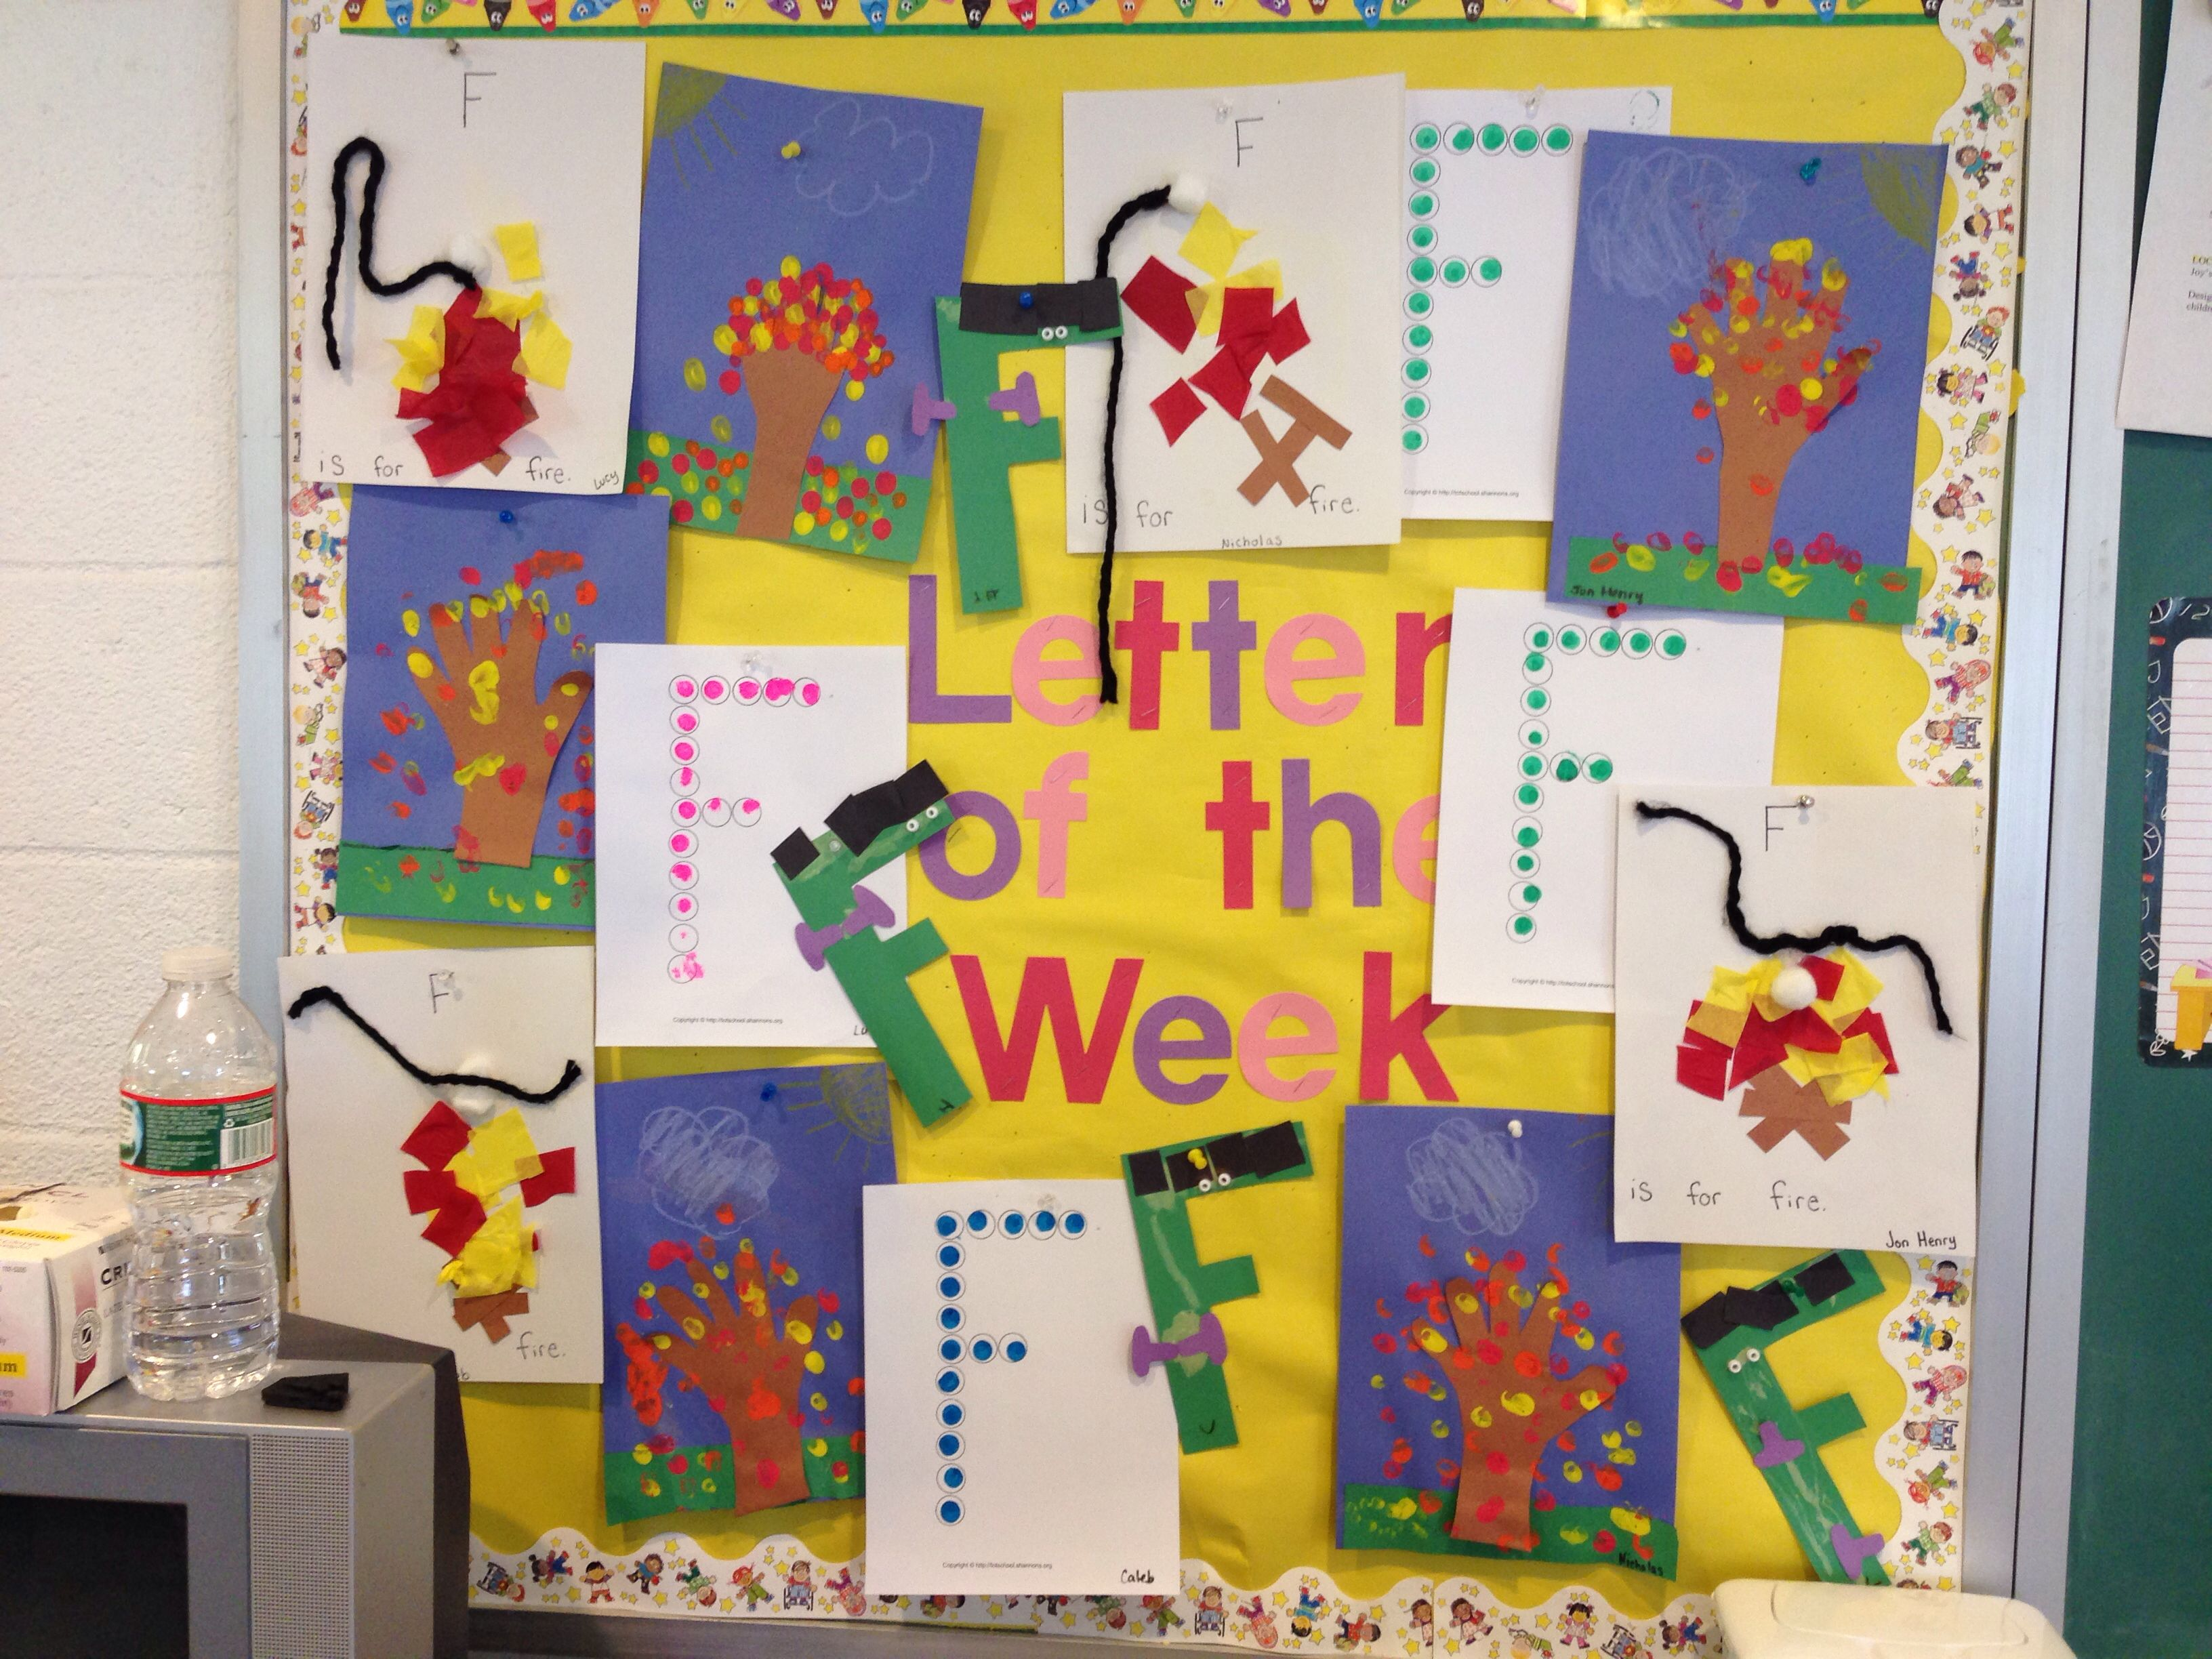 Letter f bulletin board bulletin board ideas pinterest for Cork board decorating ideas pinterest